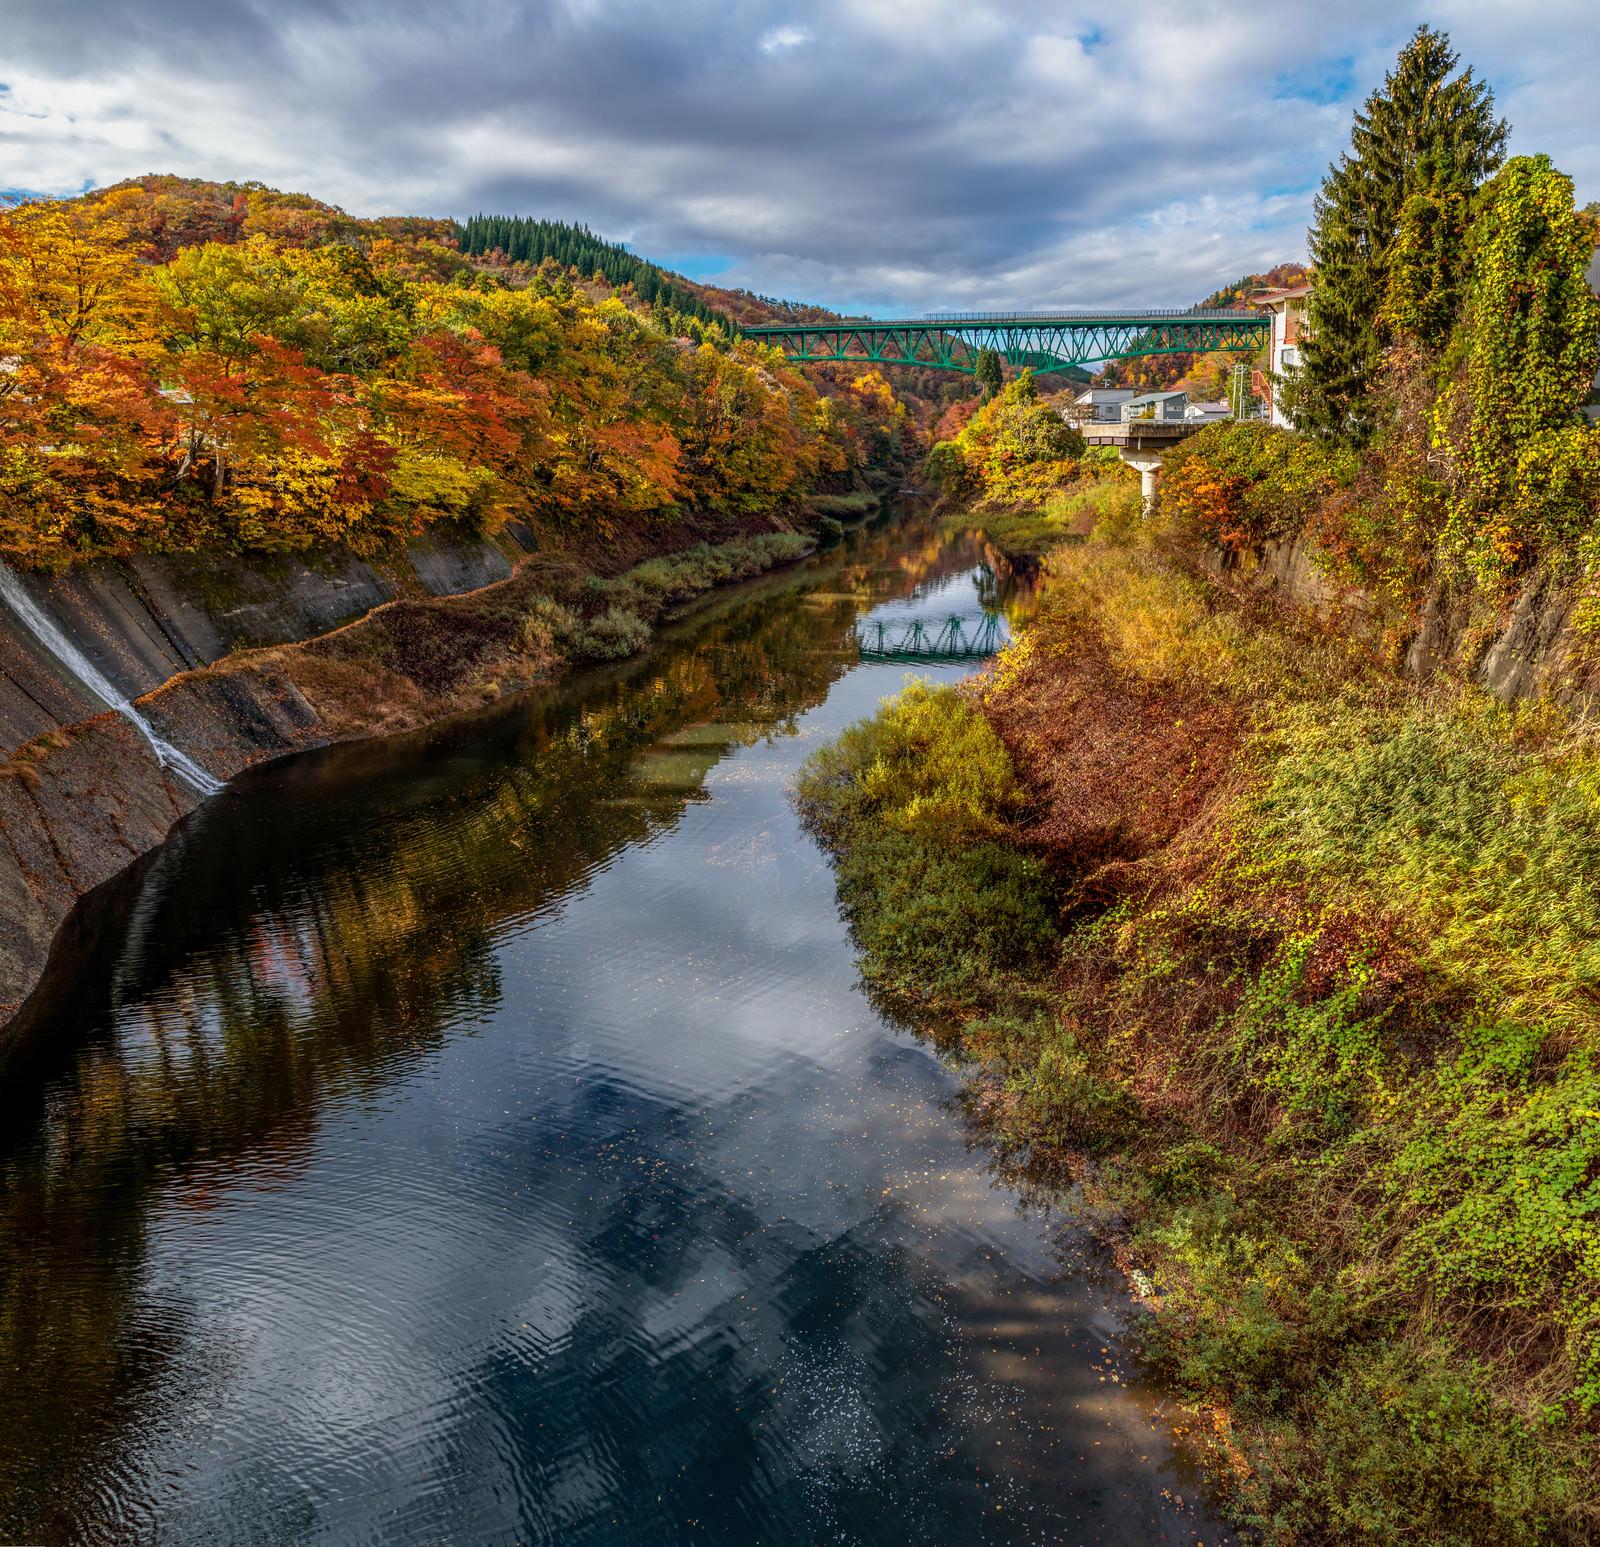 「鉄橋に向かう水路沿いの紅葉した木々とリフレクション」の写真